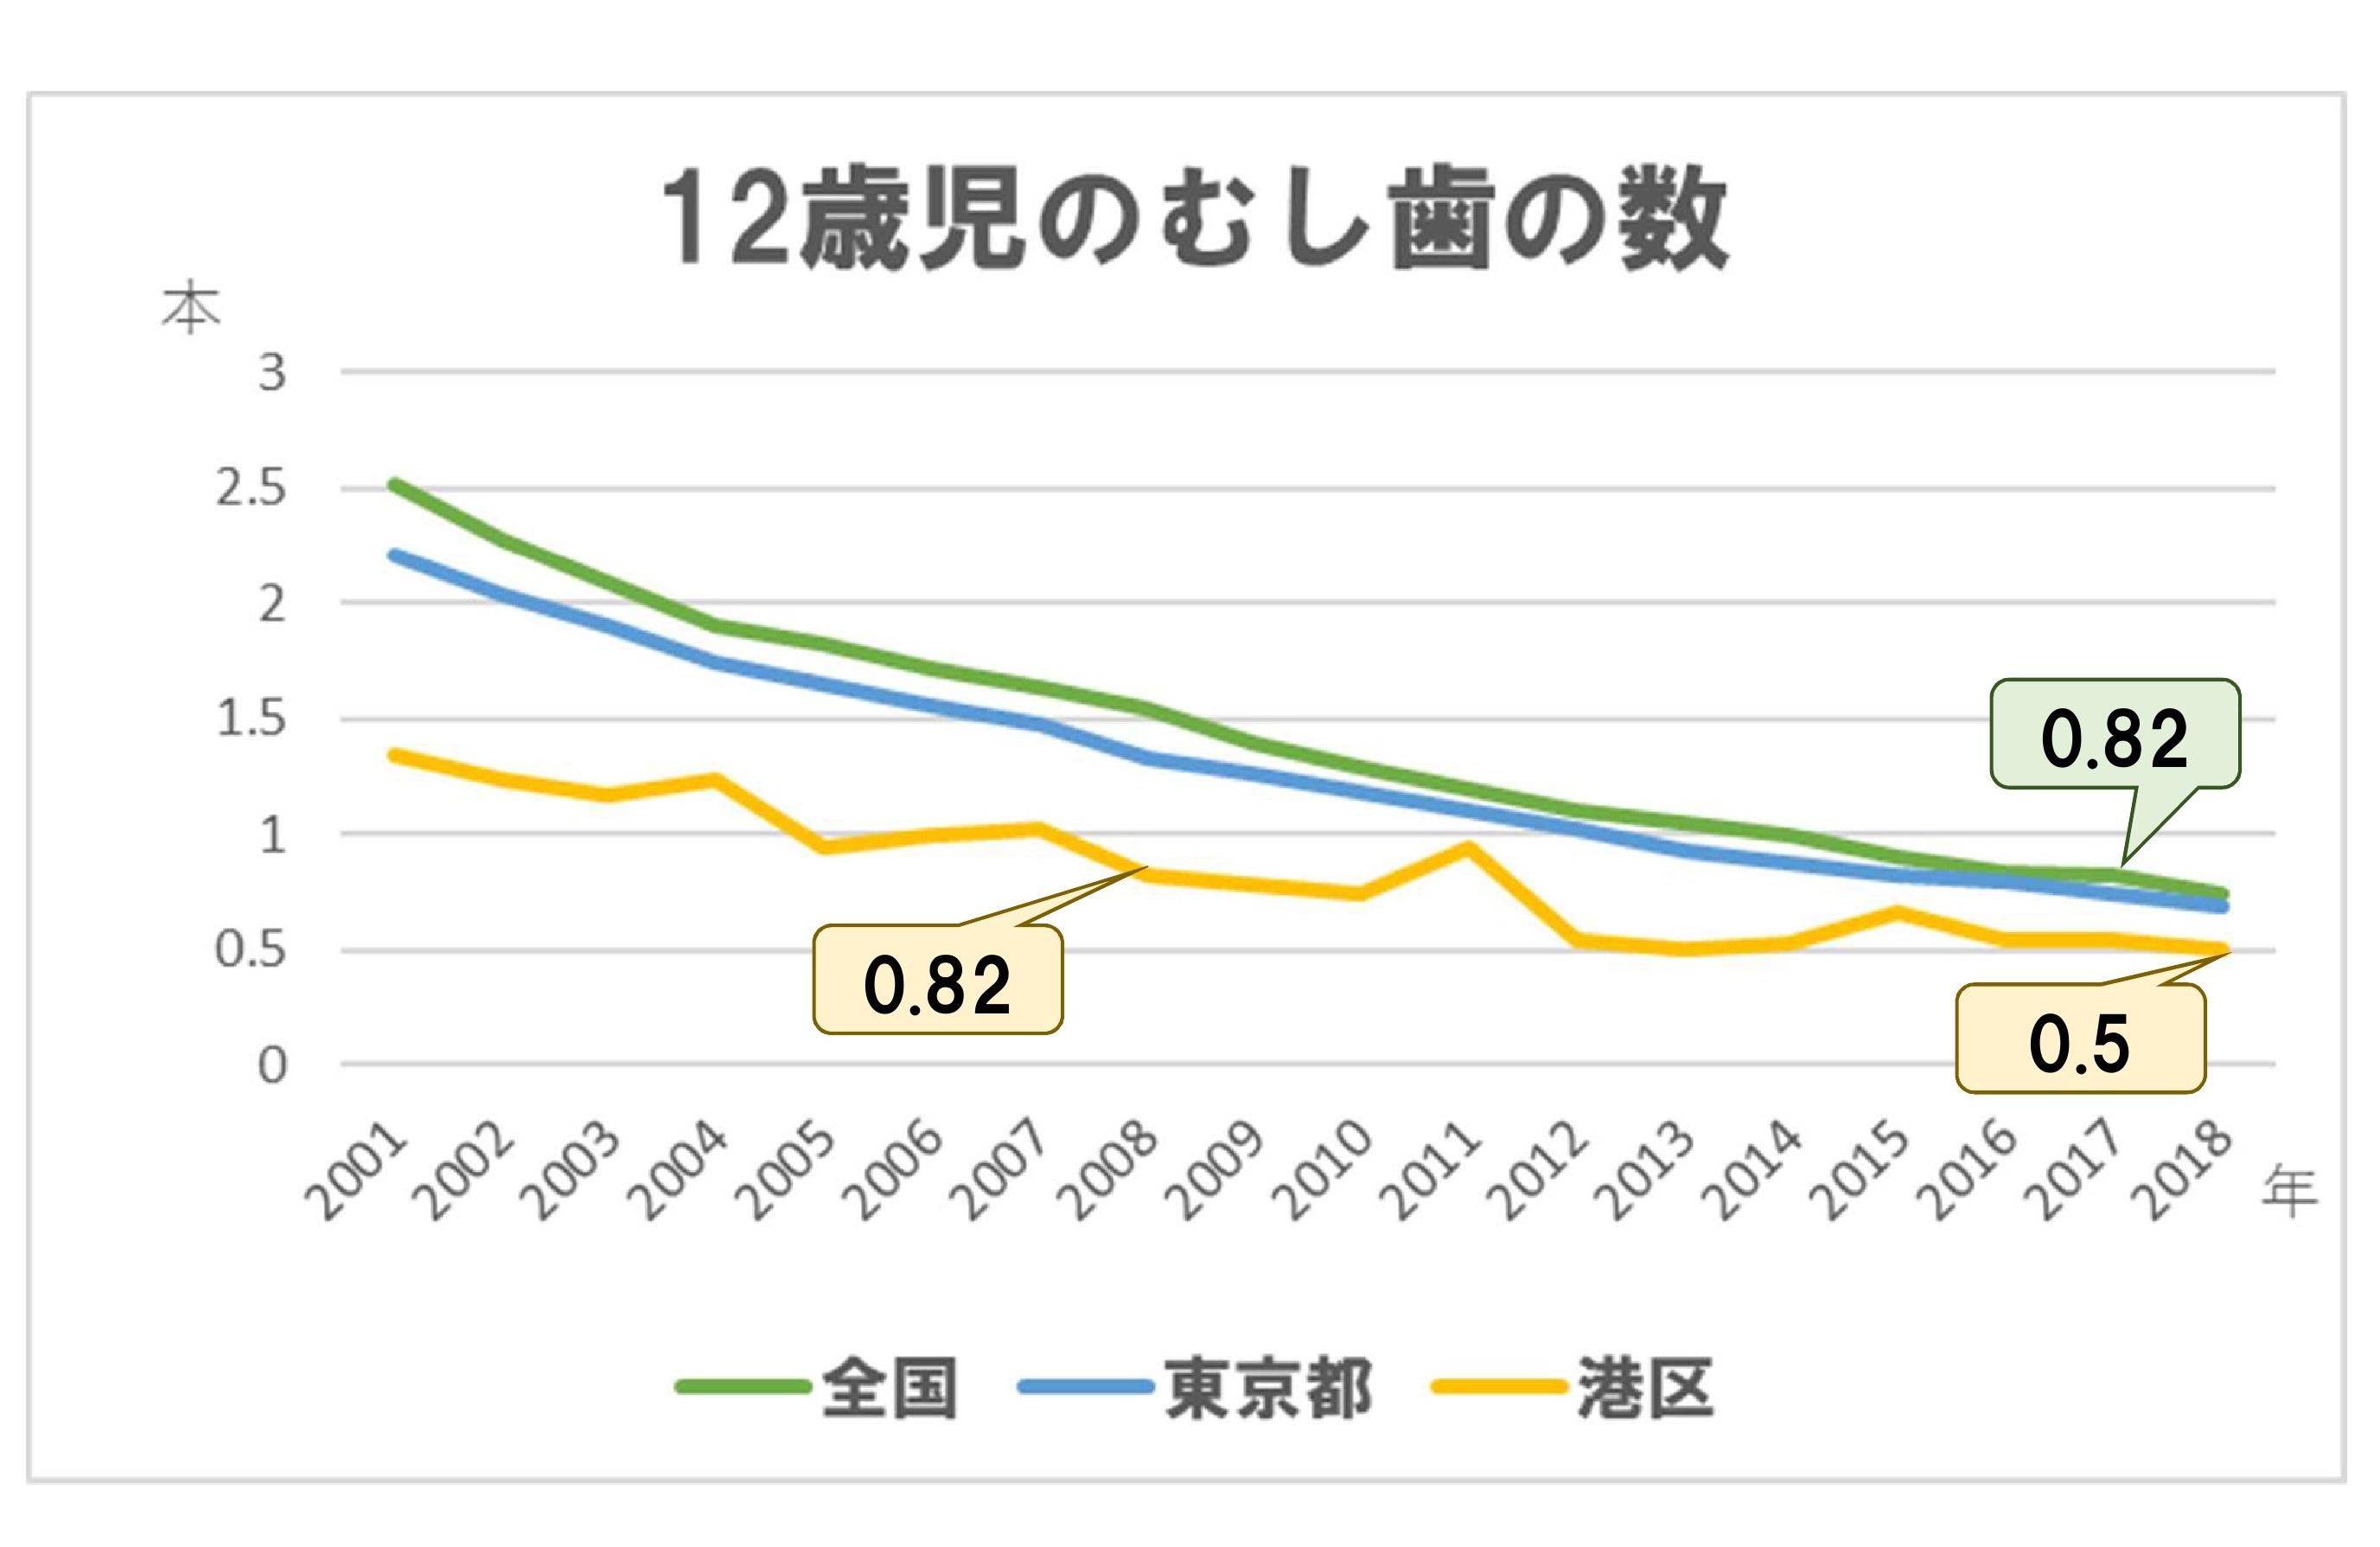 12歳児DMFT推移(全国、東京都、港区の比較)